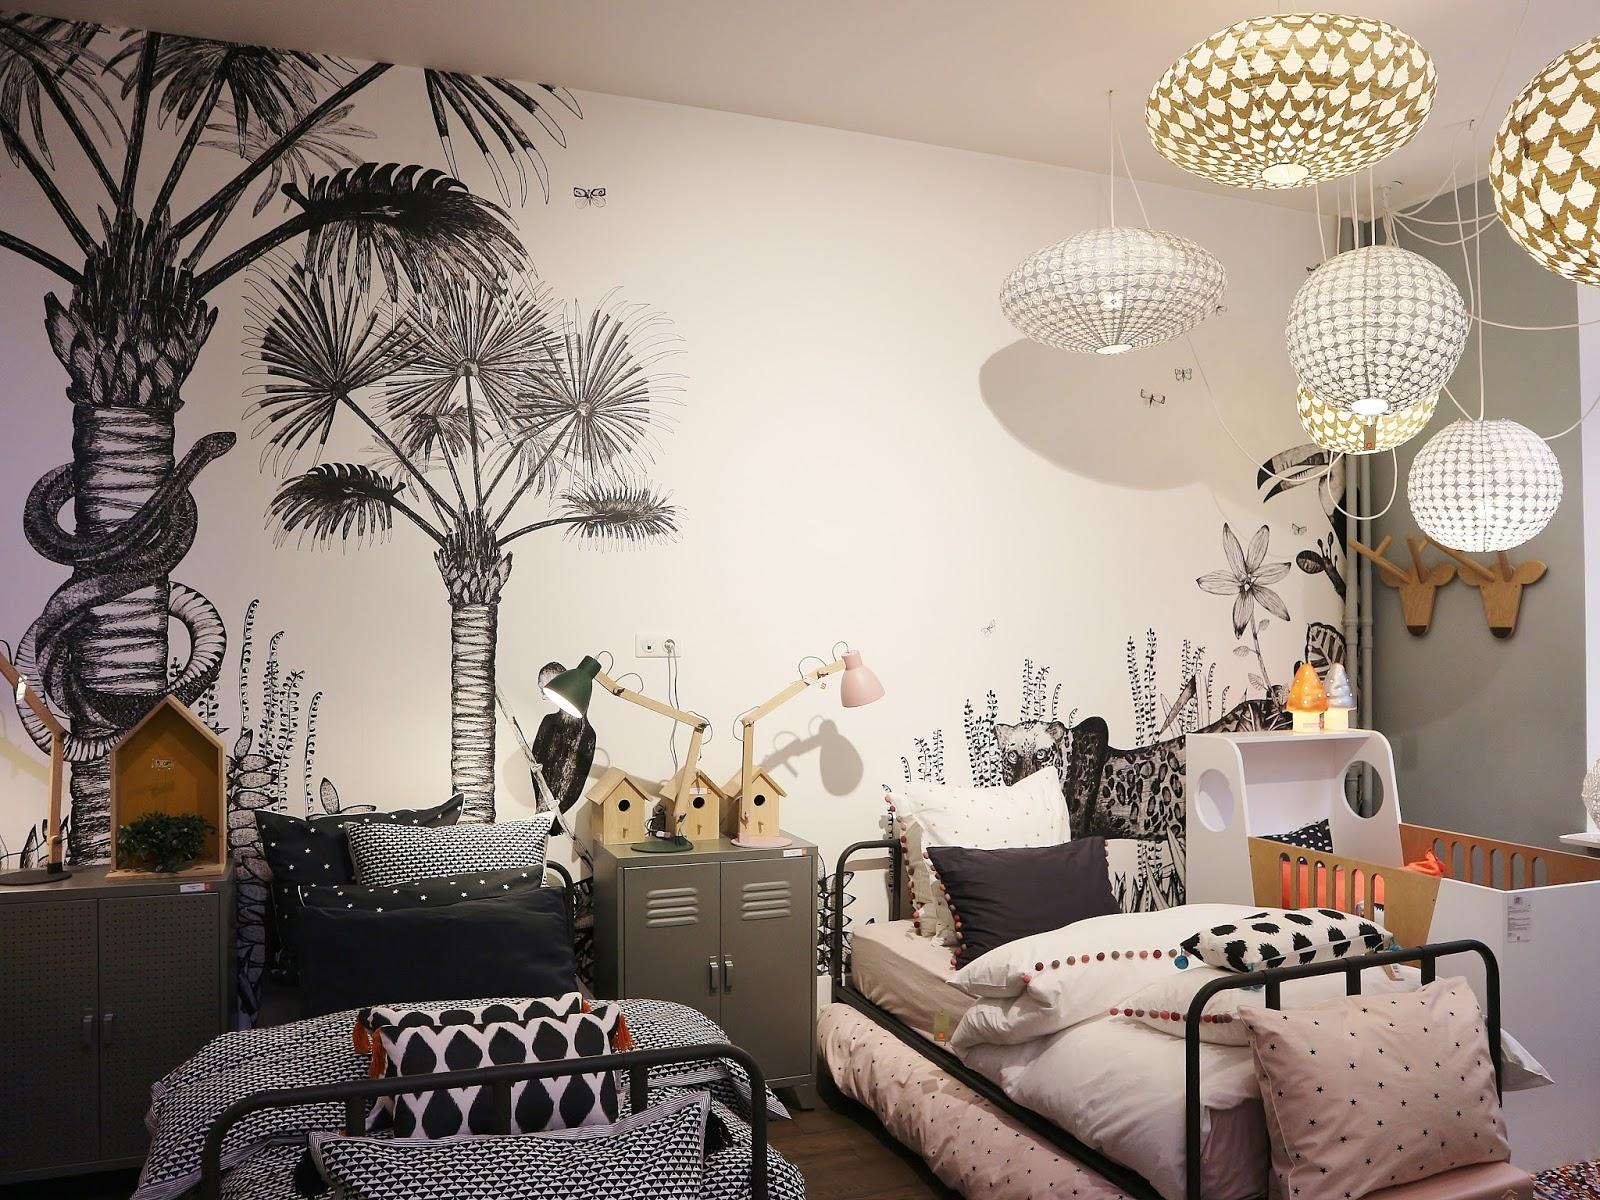 atelier rue verte , le blog: paris / ouverture de l'appartement